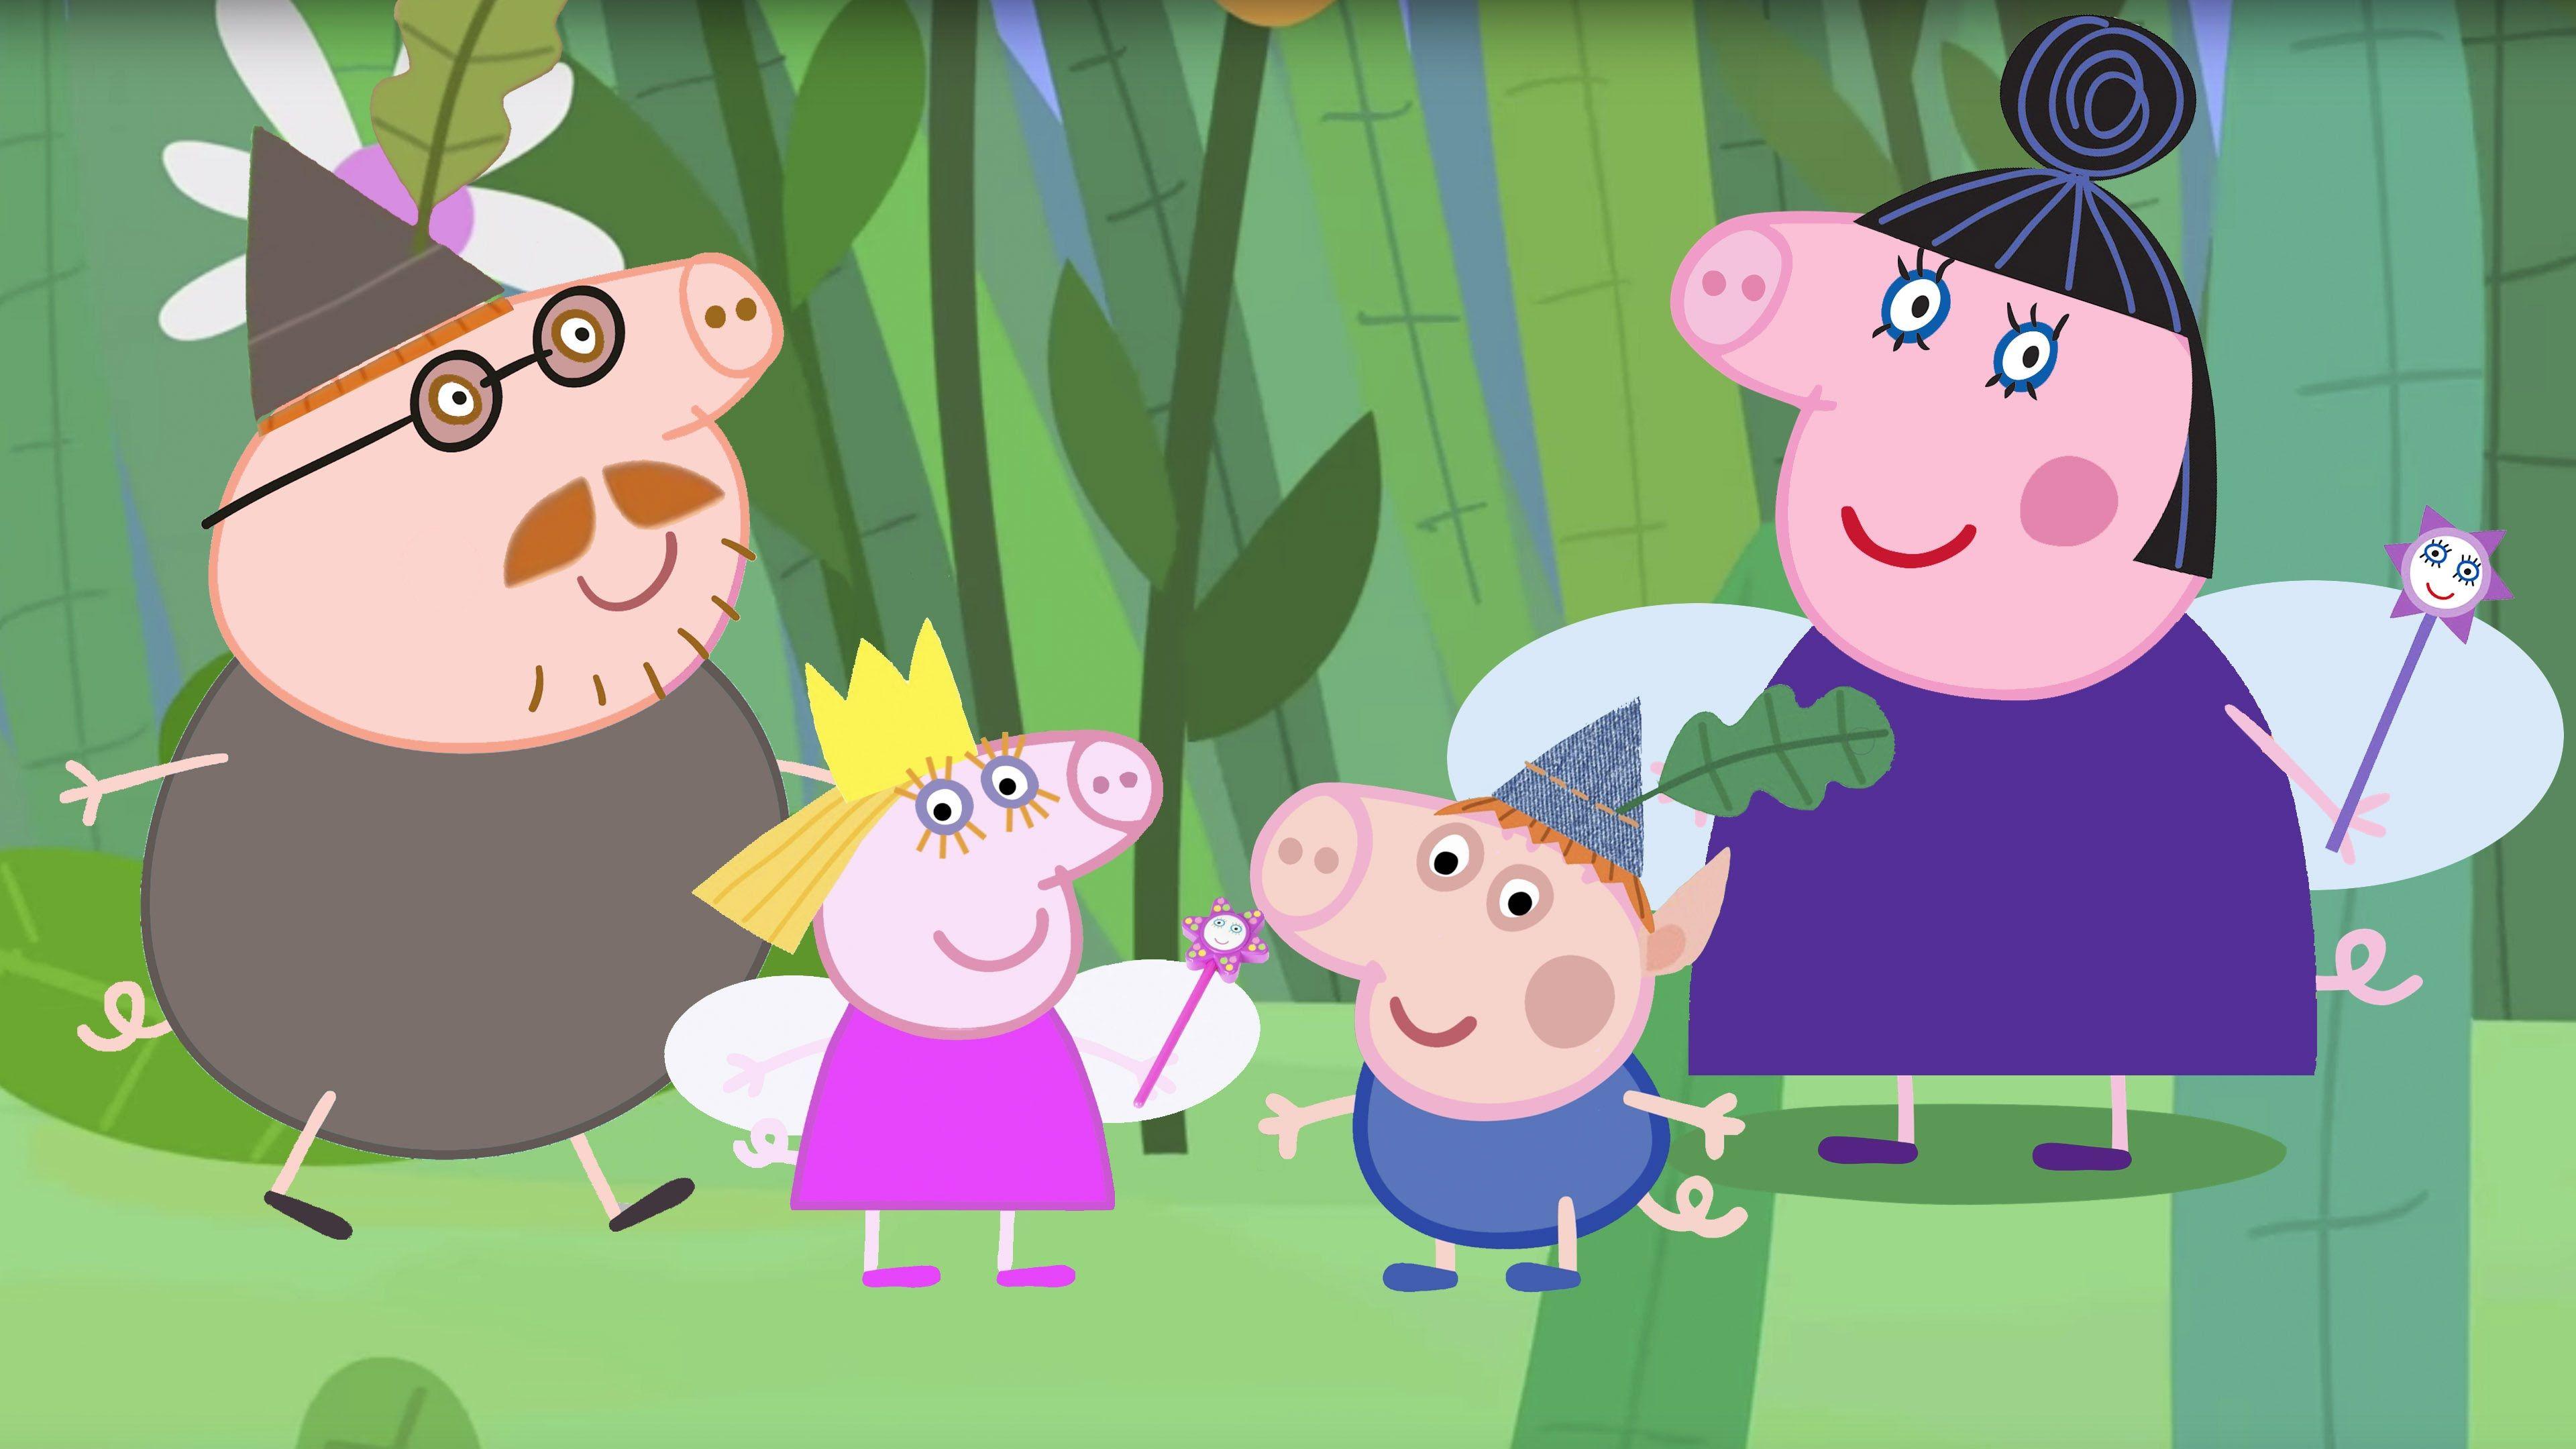 Hoy Disfrazamos A Peppa Pig Y Su Familia De Los Personajes